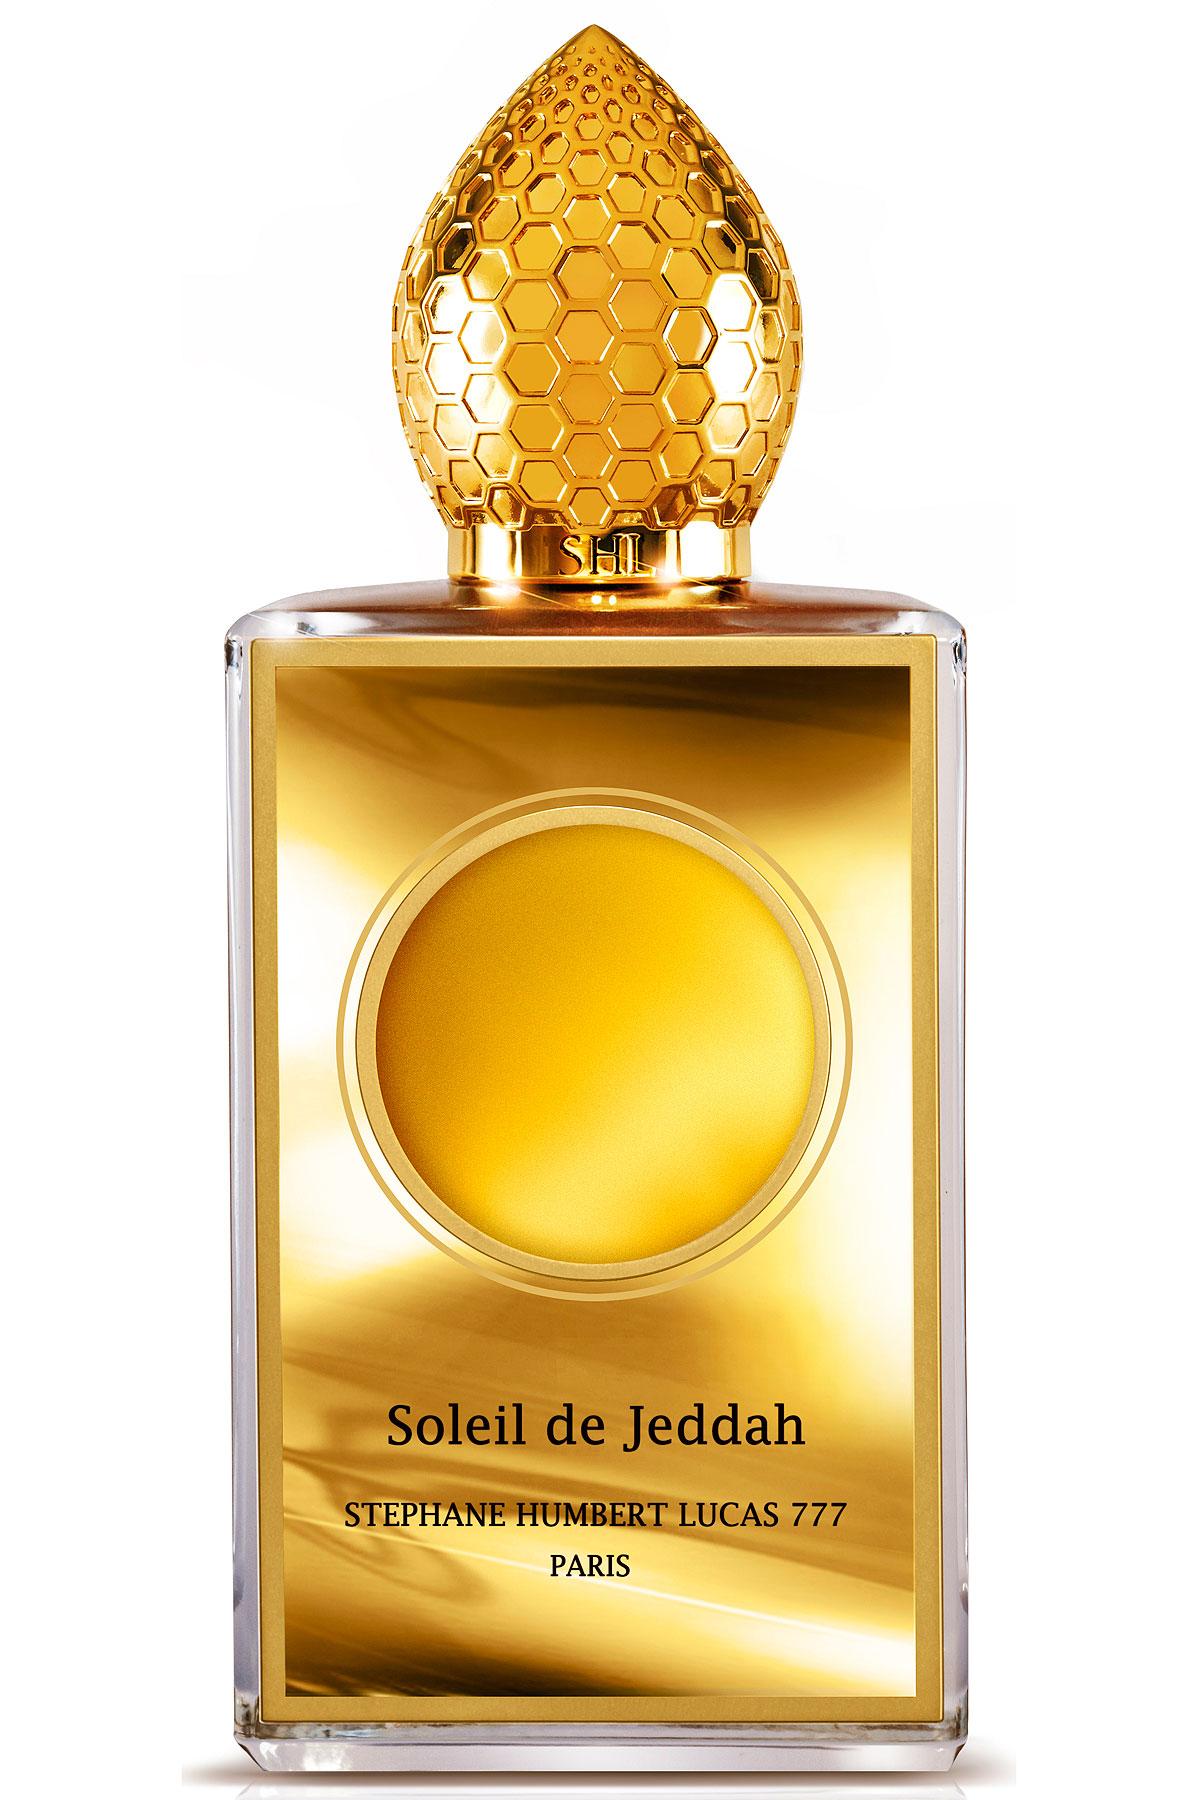 Stephane Humbert Lucas 777 Paris Fragrances for Men, Soleil De Jeddah - Eau De Parfum - 50-100 Ml, 2019, 50 ml 100 ml